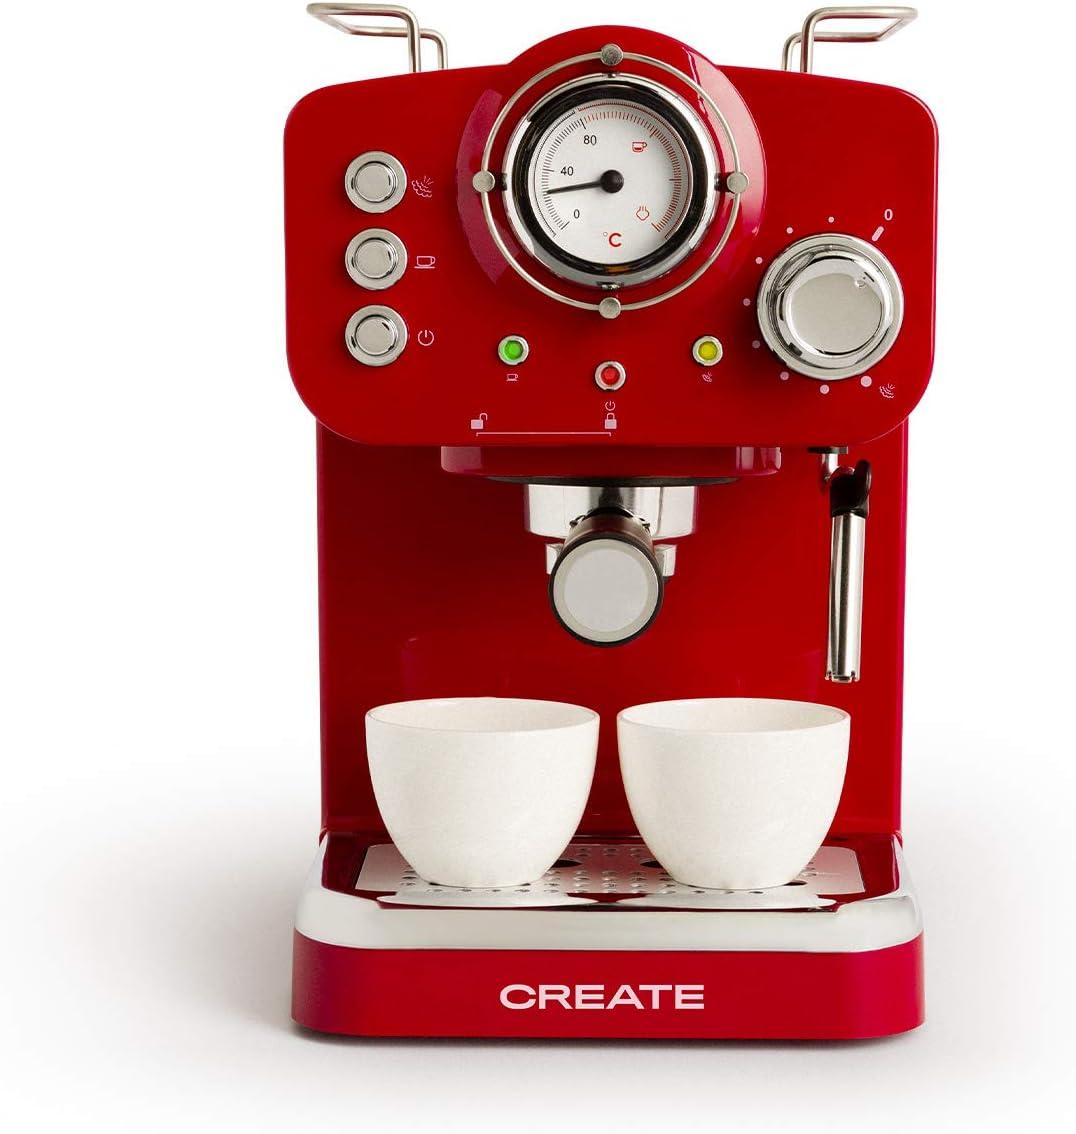 IKOHS THERA Retro - Cafetera Express para Espresso y Cappucino, 1100W, 15 Bares, Vaporizador Orientable, Capacidad 1.25l, Café Molido y Monodosis, con Doble Salida (Rojo)